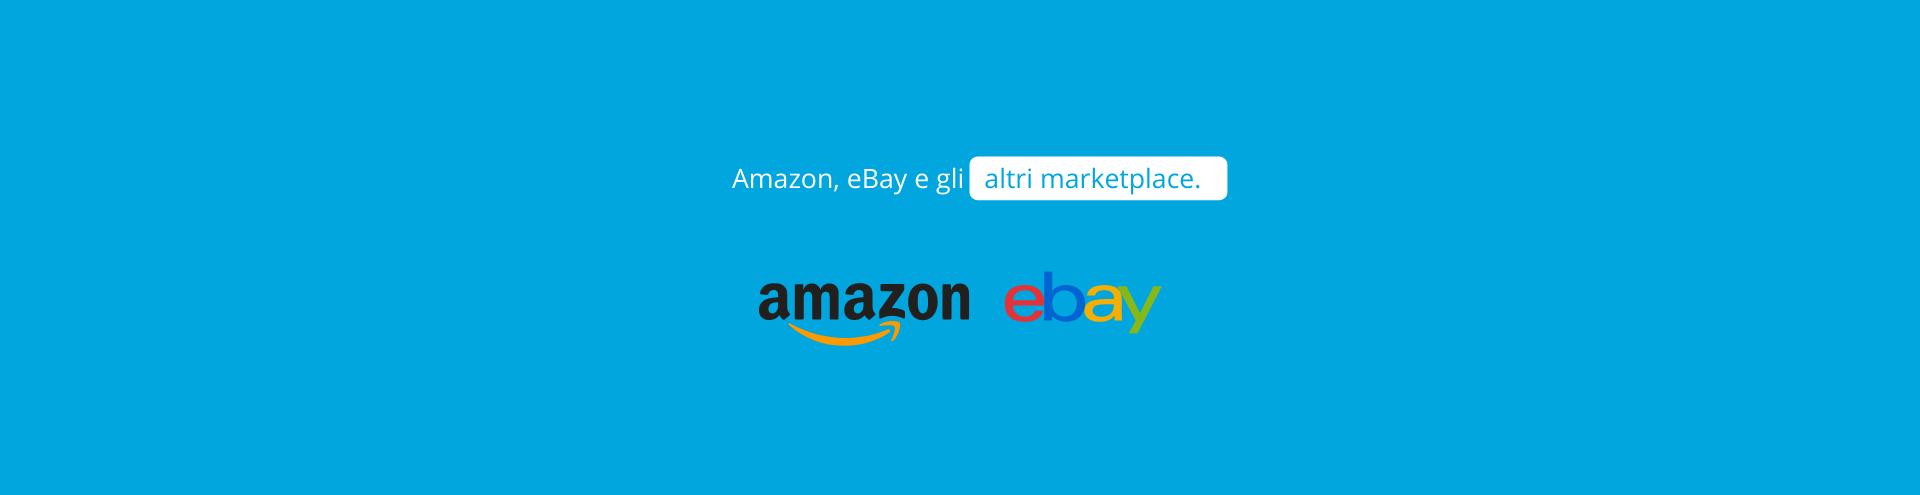 Amazon, eBay e gli altri marketplace